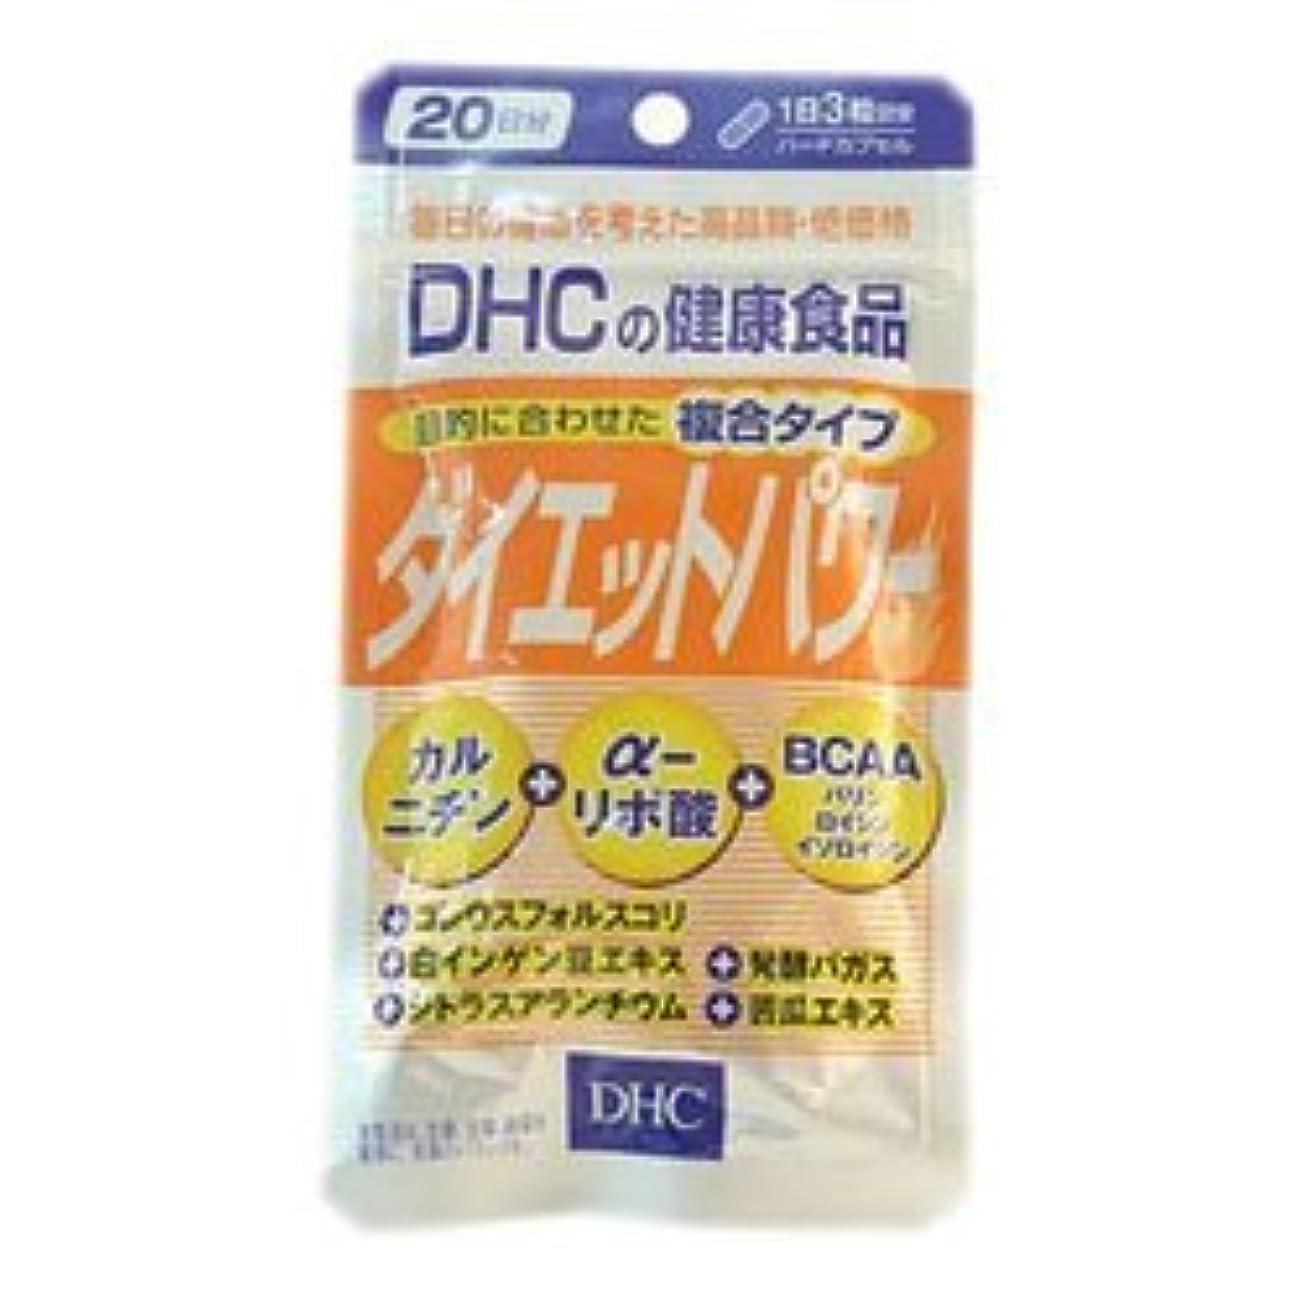 フリル宿泊トラフィック【DHC】ダイエットパワー 20日分 (60粒) ×20個セット